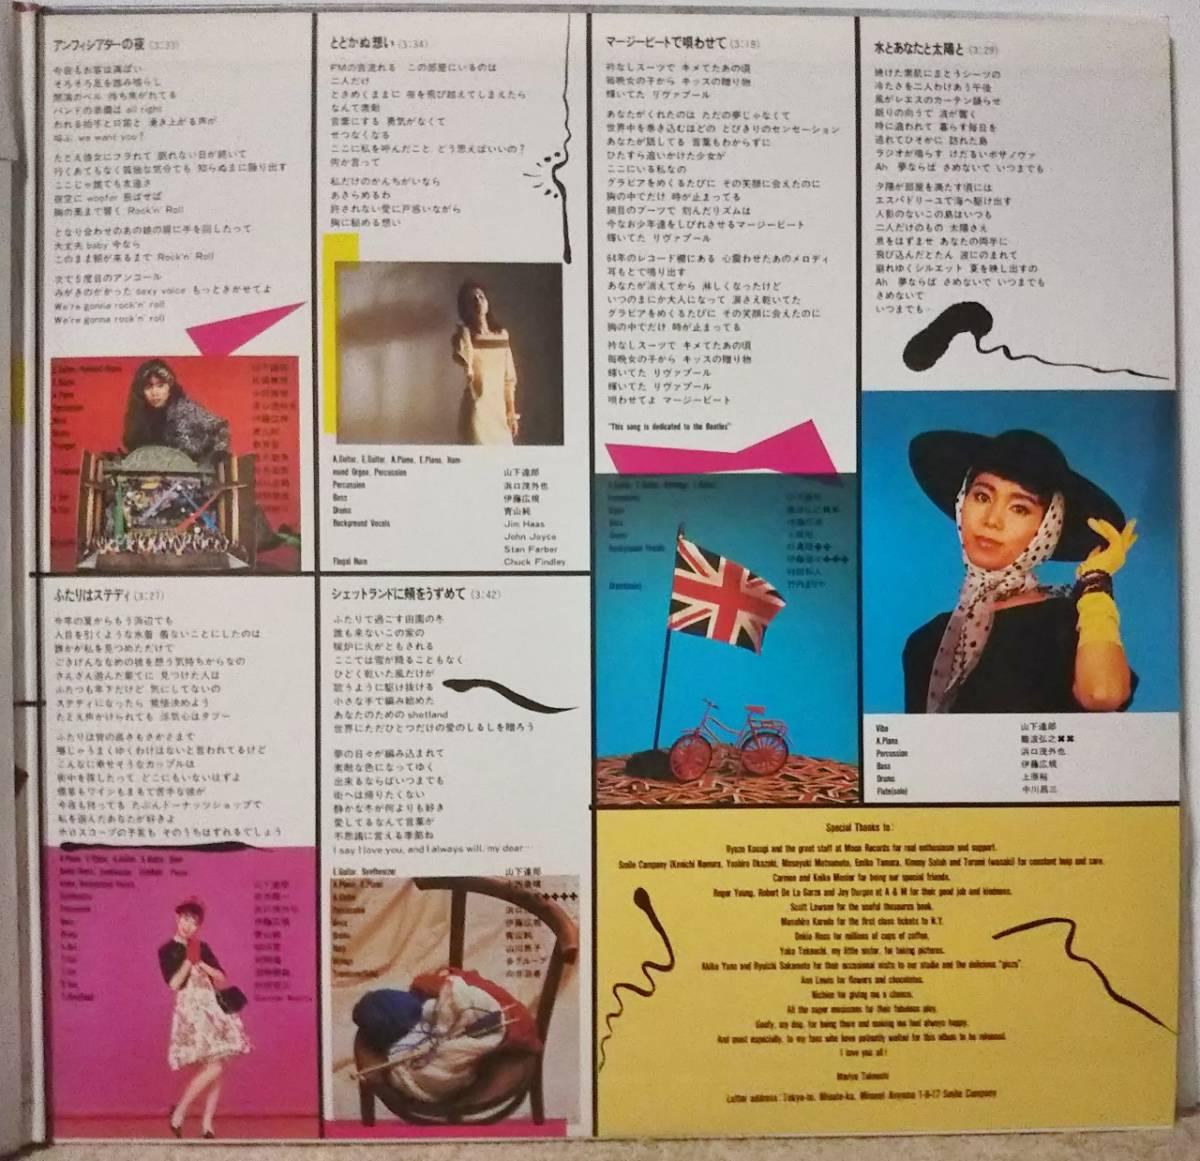 レア!中古LP 竹内まりや / ヴァラエティ  山下達郎プロデュース  帯付きレコード_画像4